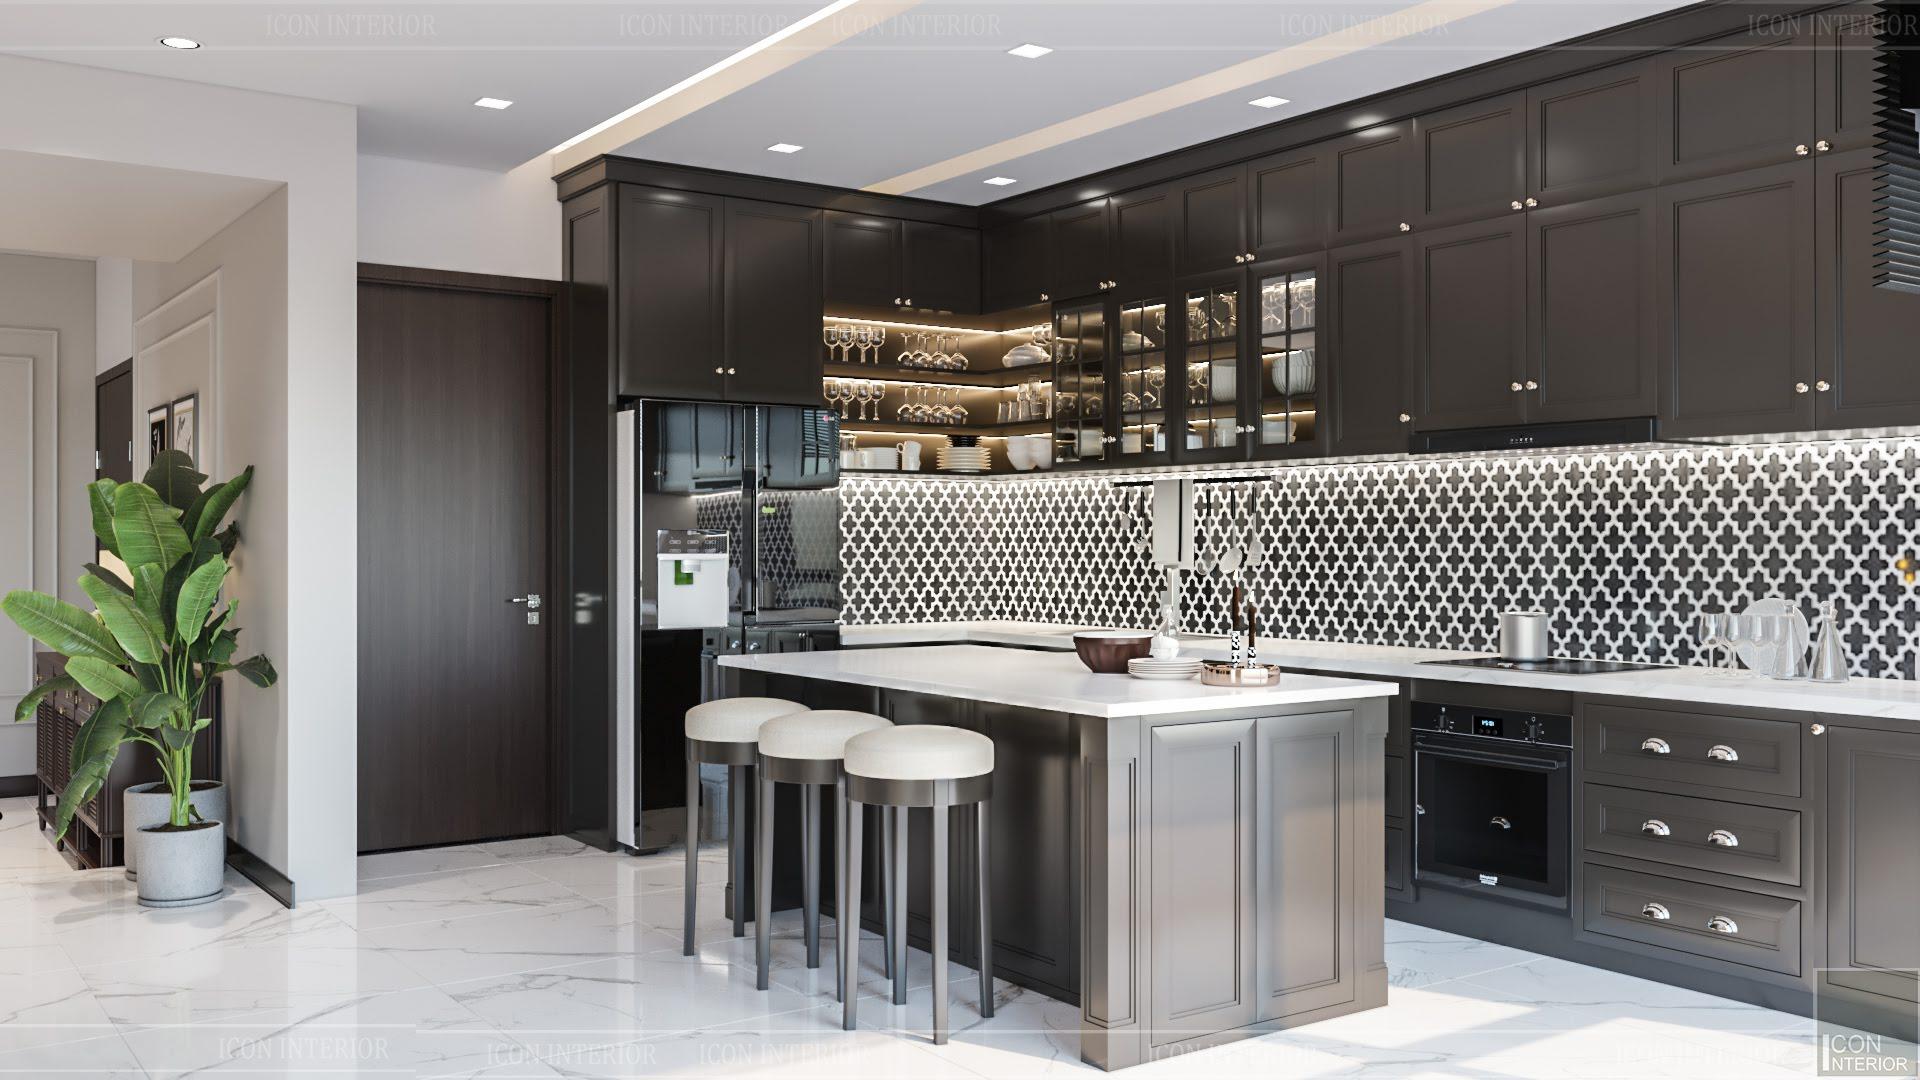 thiết kế căn hộ đập thông - đảo bếp